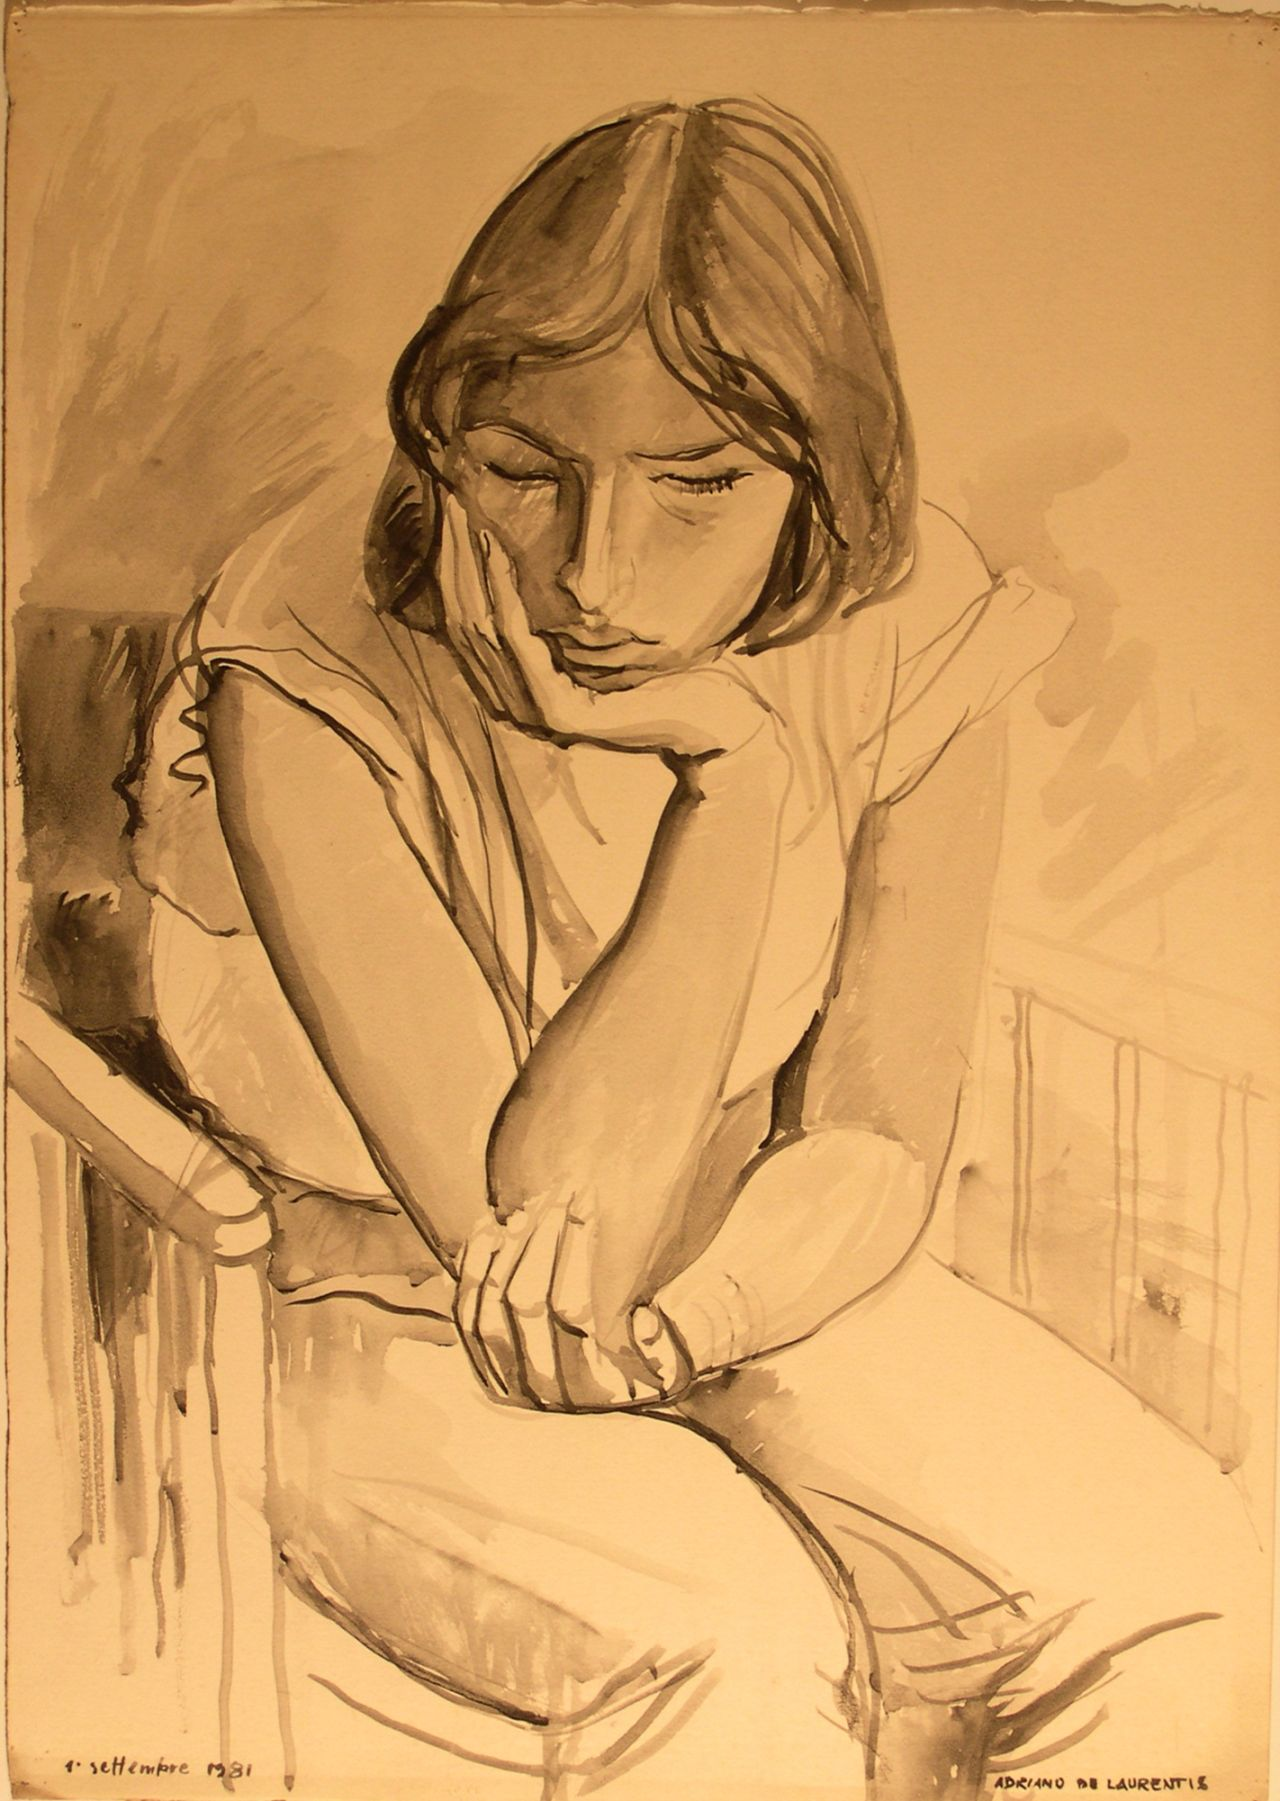 Senza Titolo - 1981 - Gouache su Cartoncino - 71x50